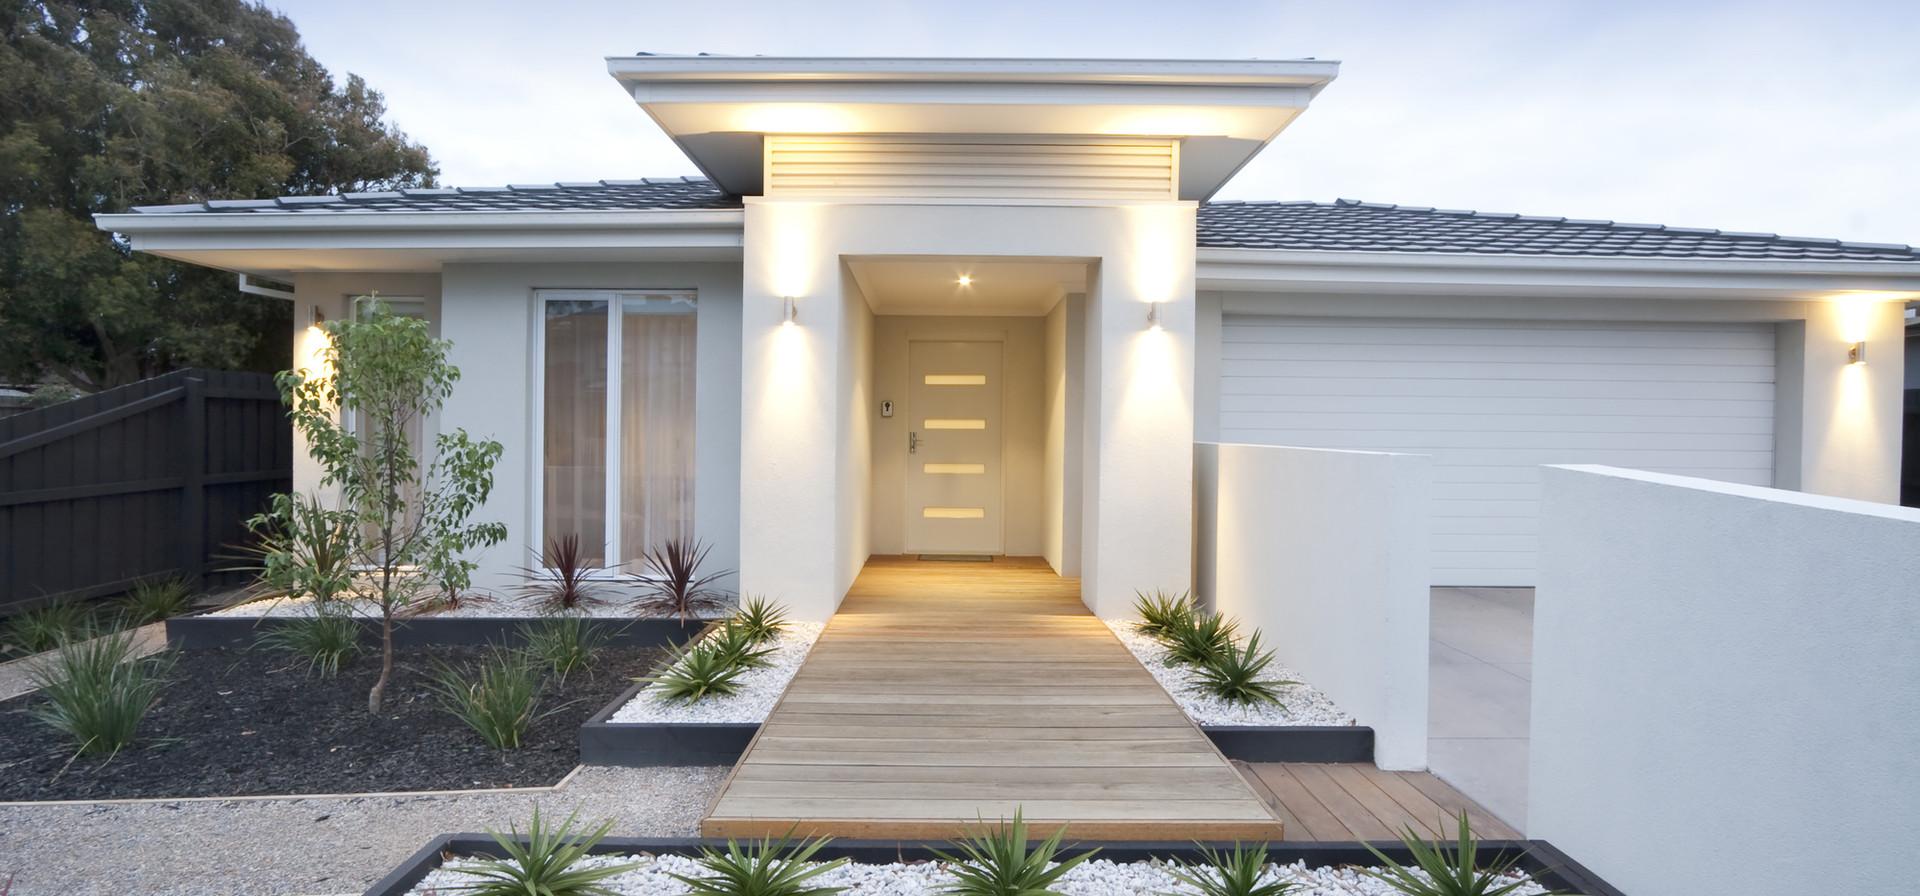 Modernes Haus außen